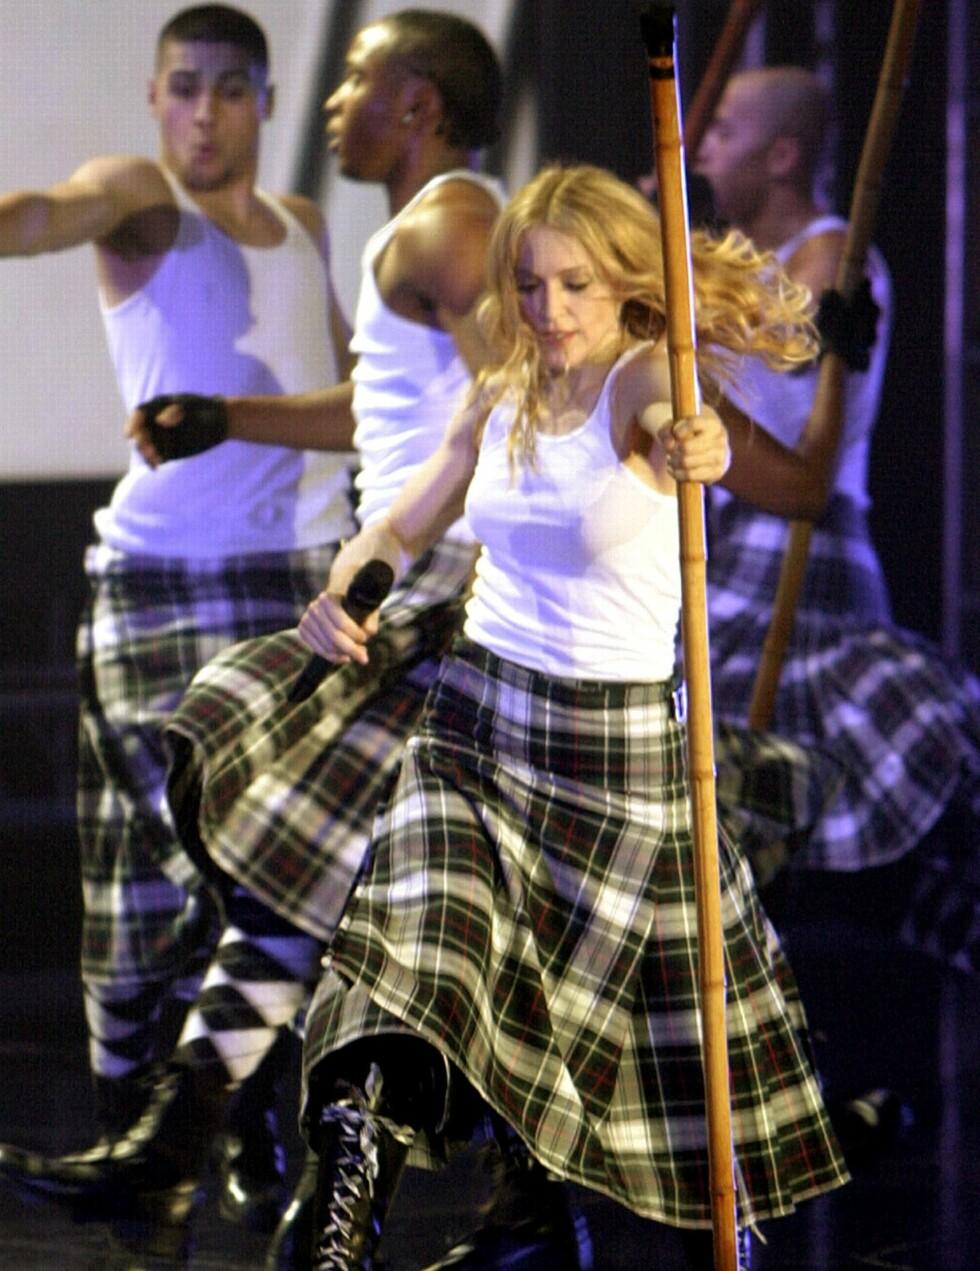 Under åpningen av «Re-Invention World Tour» i Los Angeles i 2004 hadde Madonna fem kostymeskifter. Hun opptrådte i blant annet i korsett, militærdrakt og kilt.